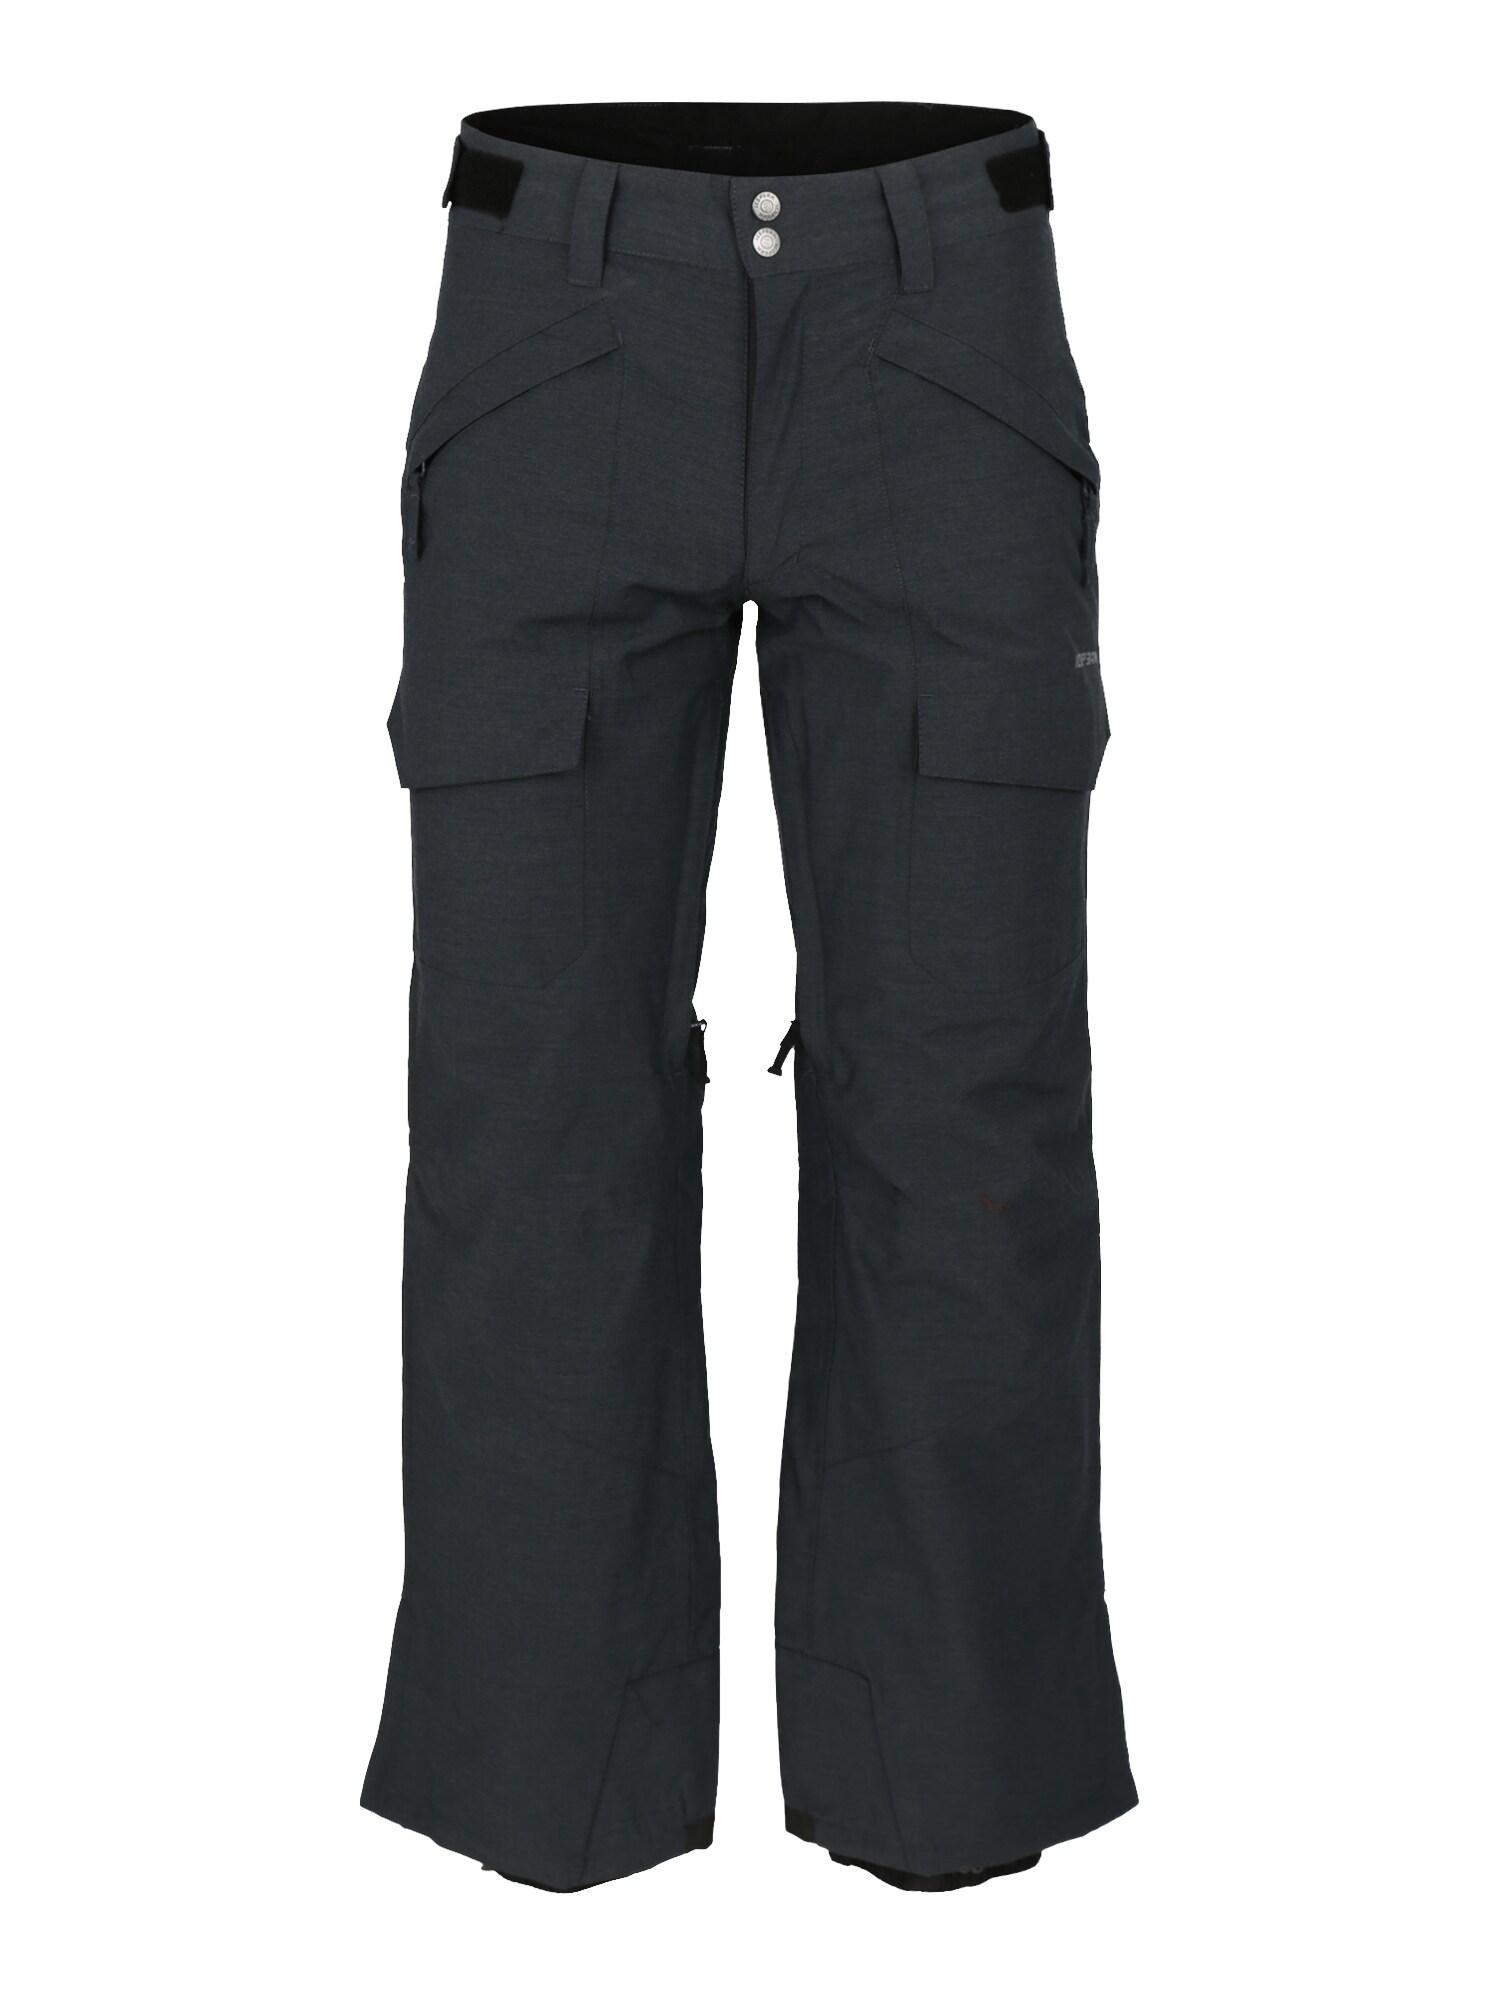 ICEPEAK Sportinės kelnės 'Kenta' pilka / antracito